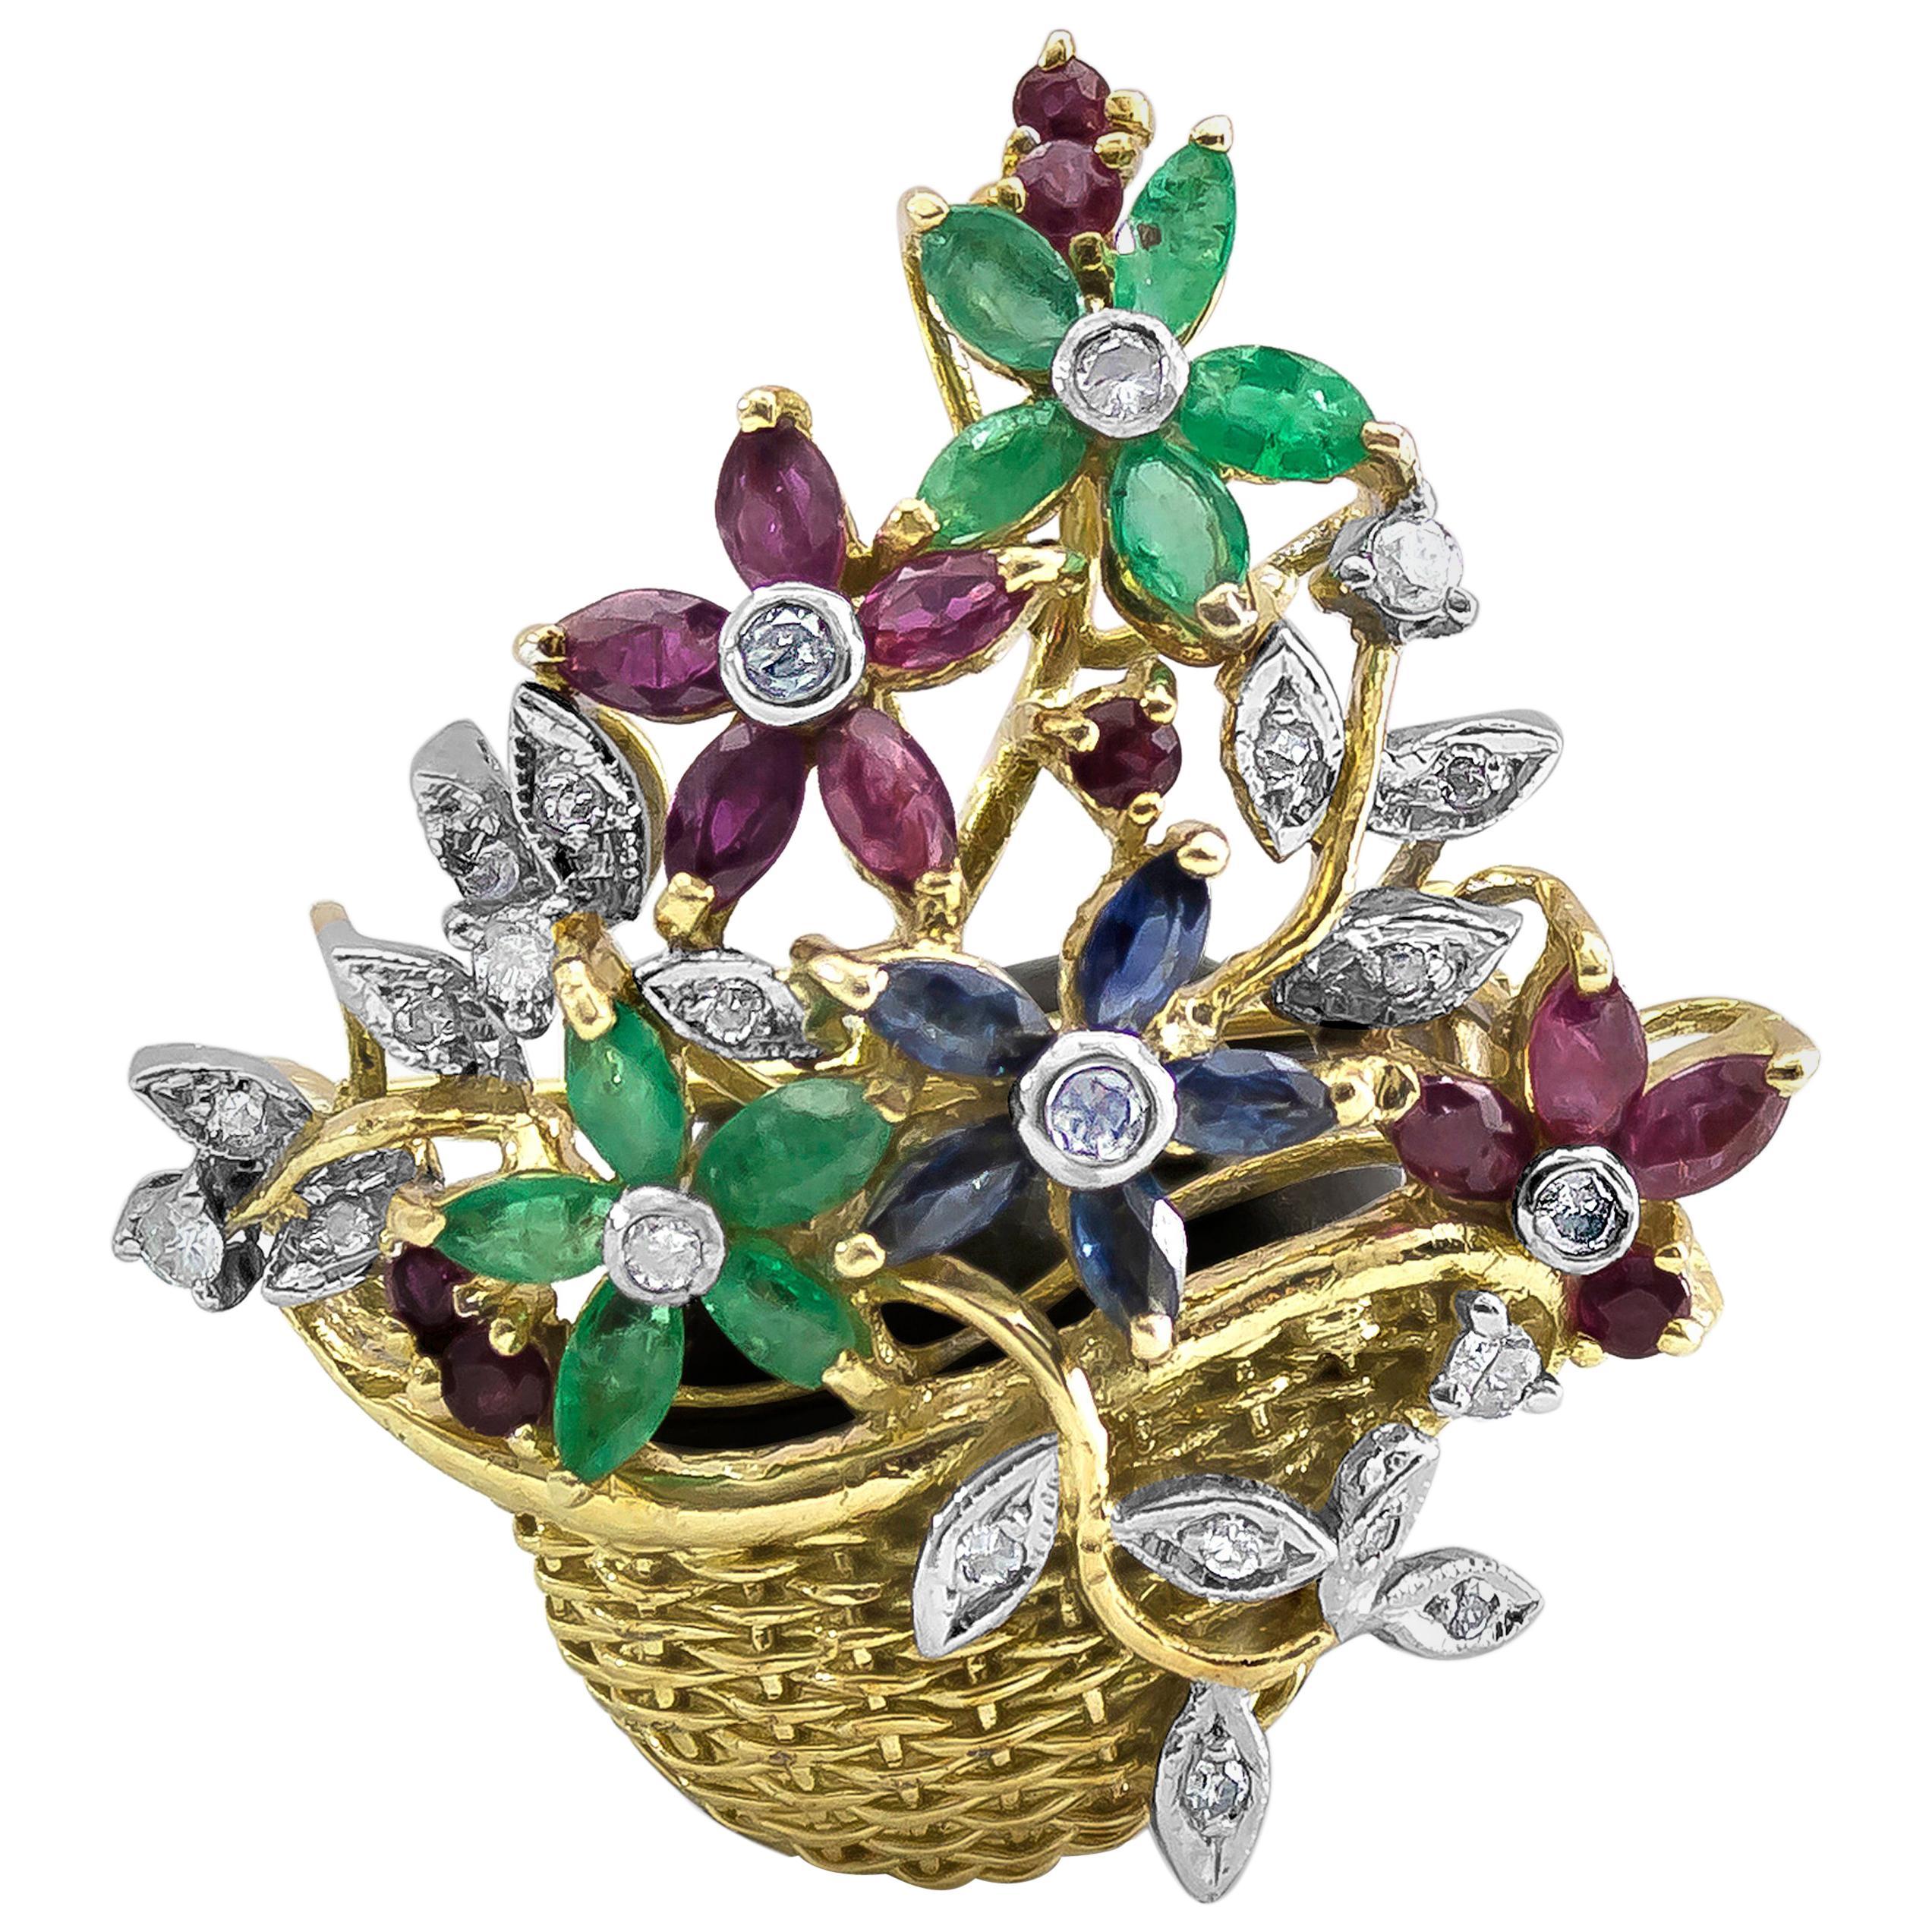 Diamanten & Edelsteine Ansteck Nadel Brosche Mit Smaragd Saphir Saphire Rubin Brillant Platin